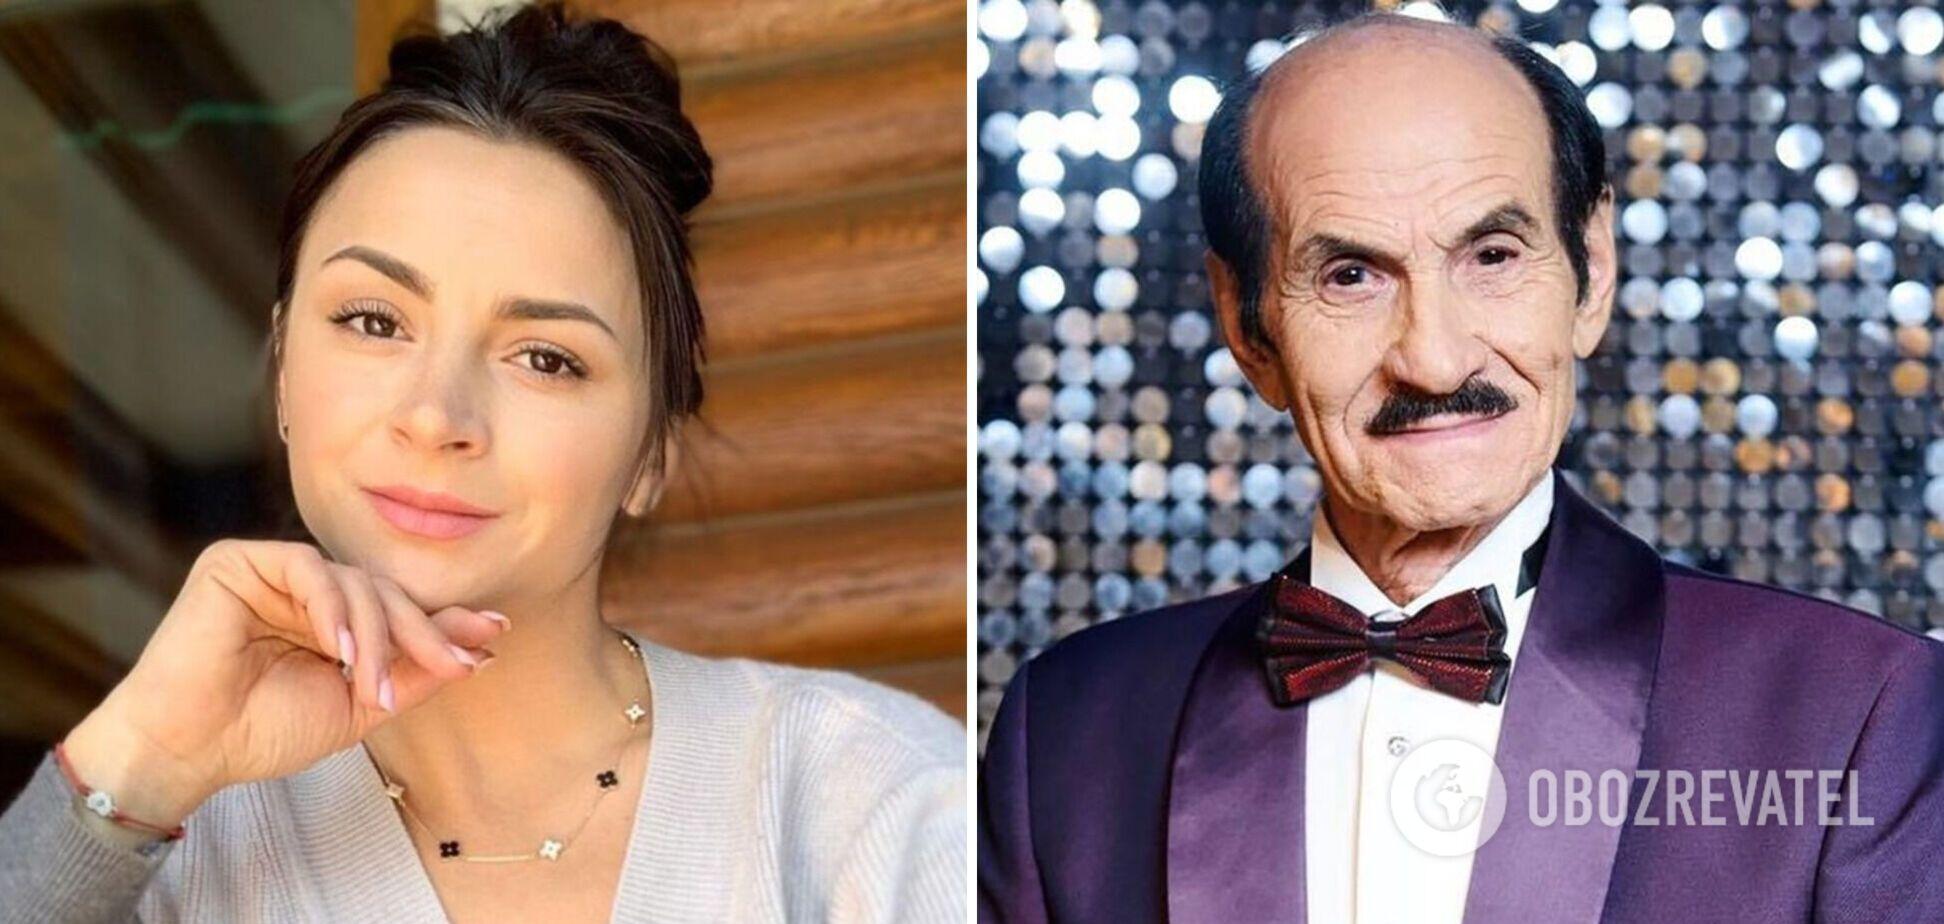 Илона Гвоздева раскритиковала 'Танці з зірками 2021': даже не упомянули Григория Чапкиса